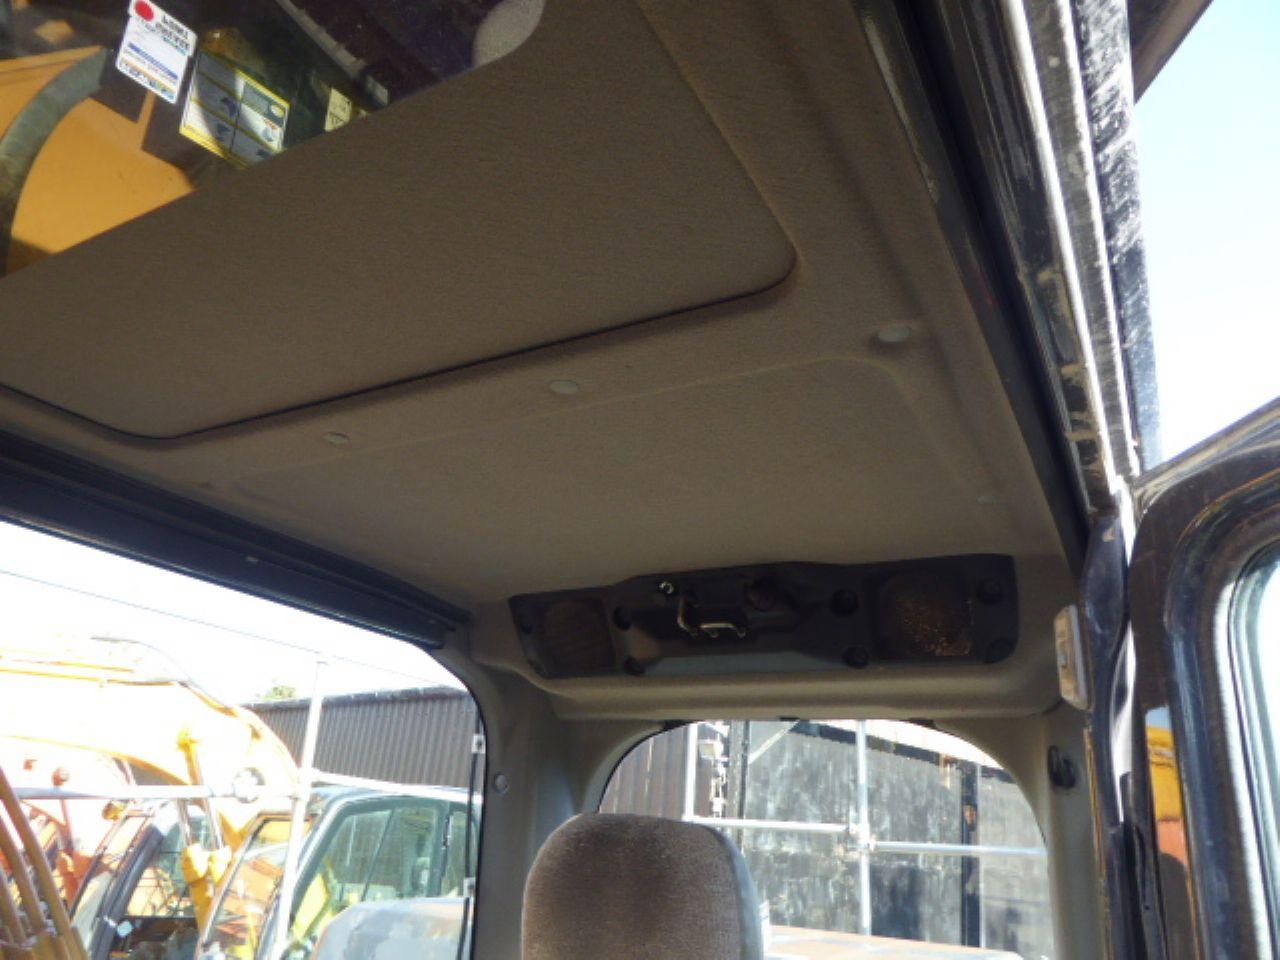 CASE CX210C EXCAVATOR - Picture 8